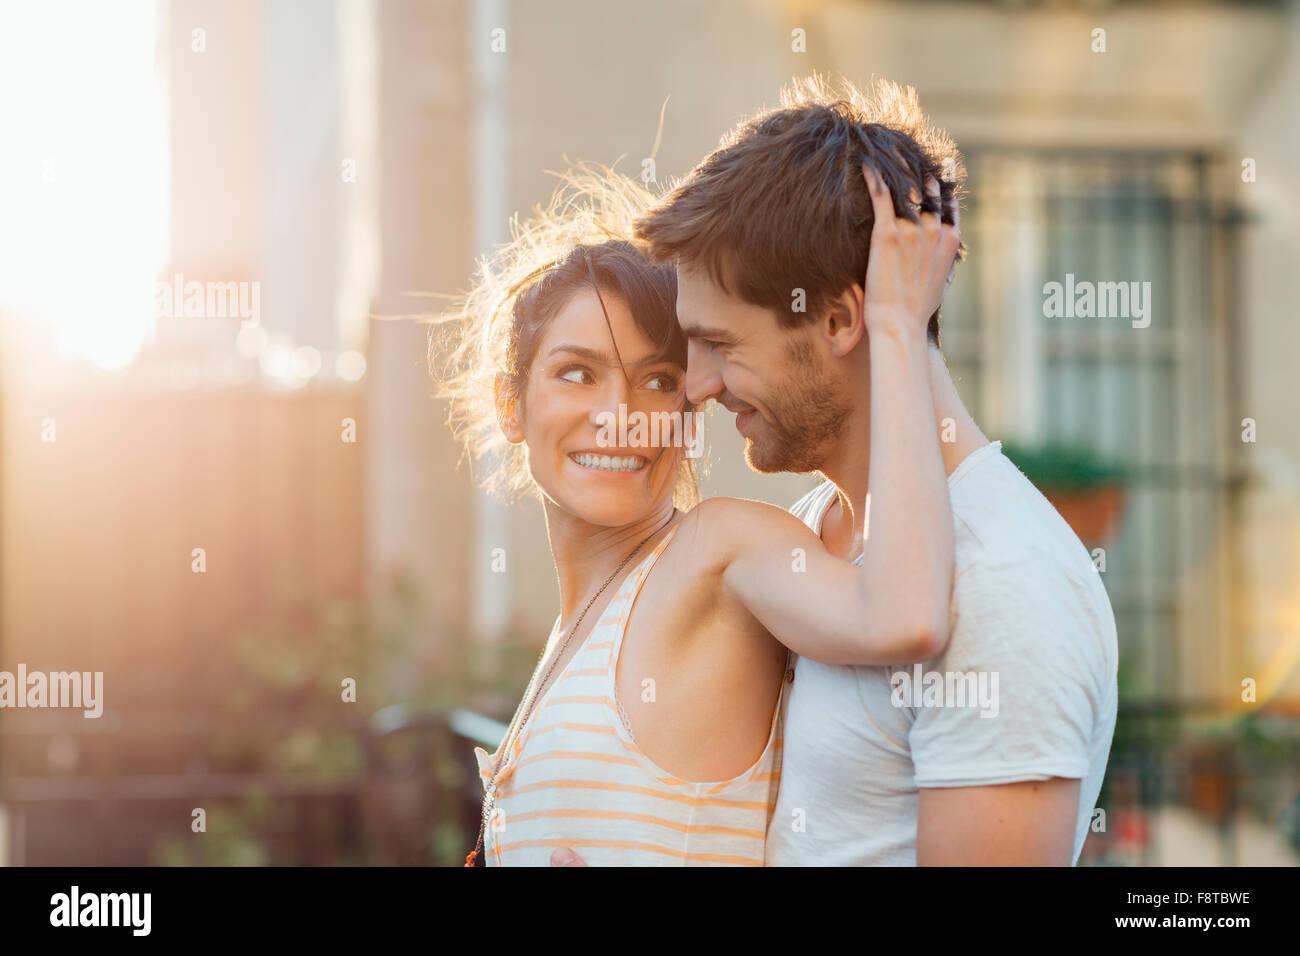 Casal namoro em Paris Imagens de Stock